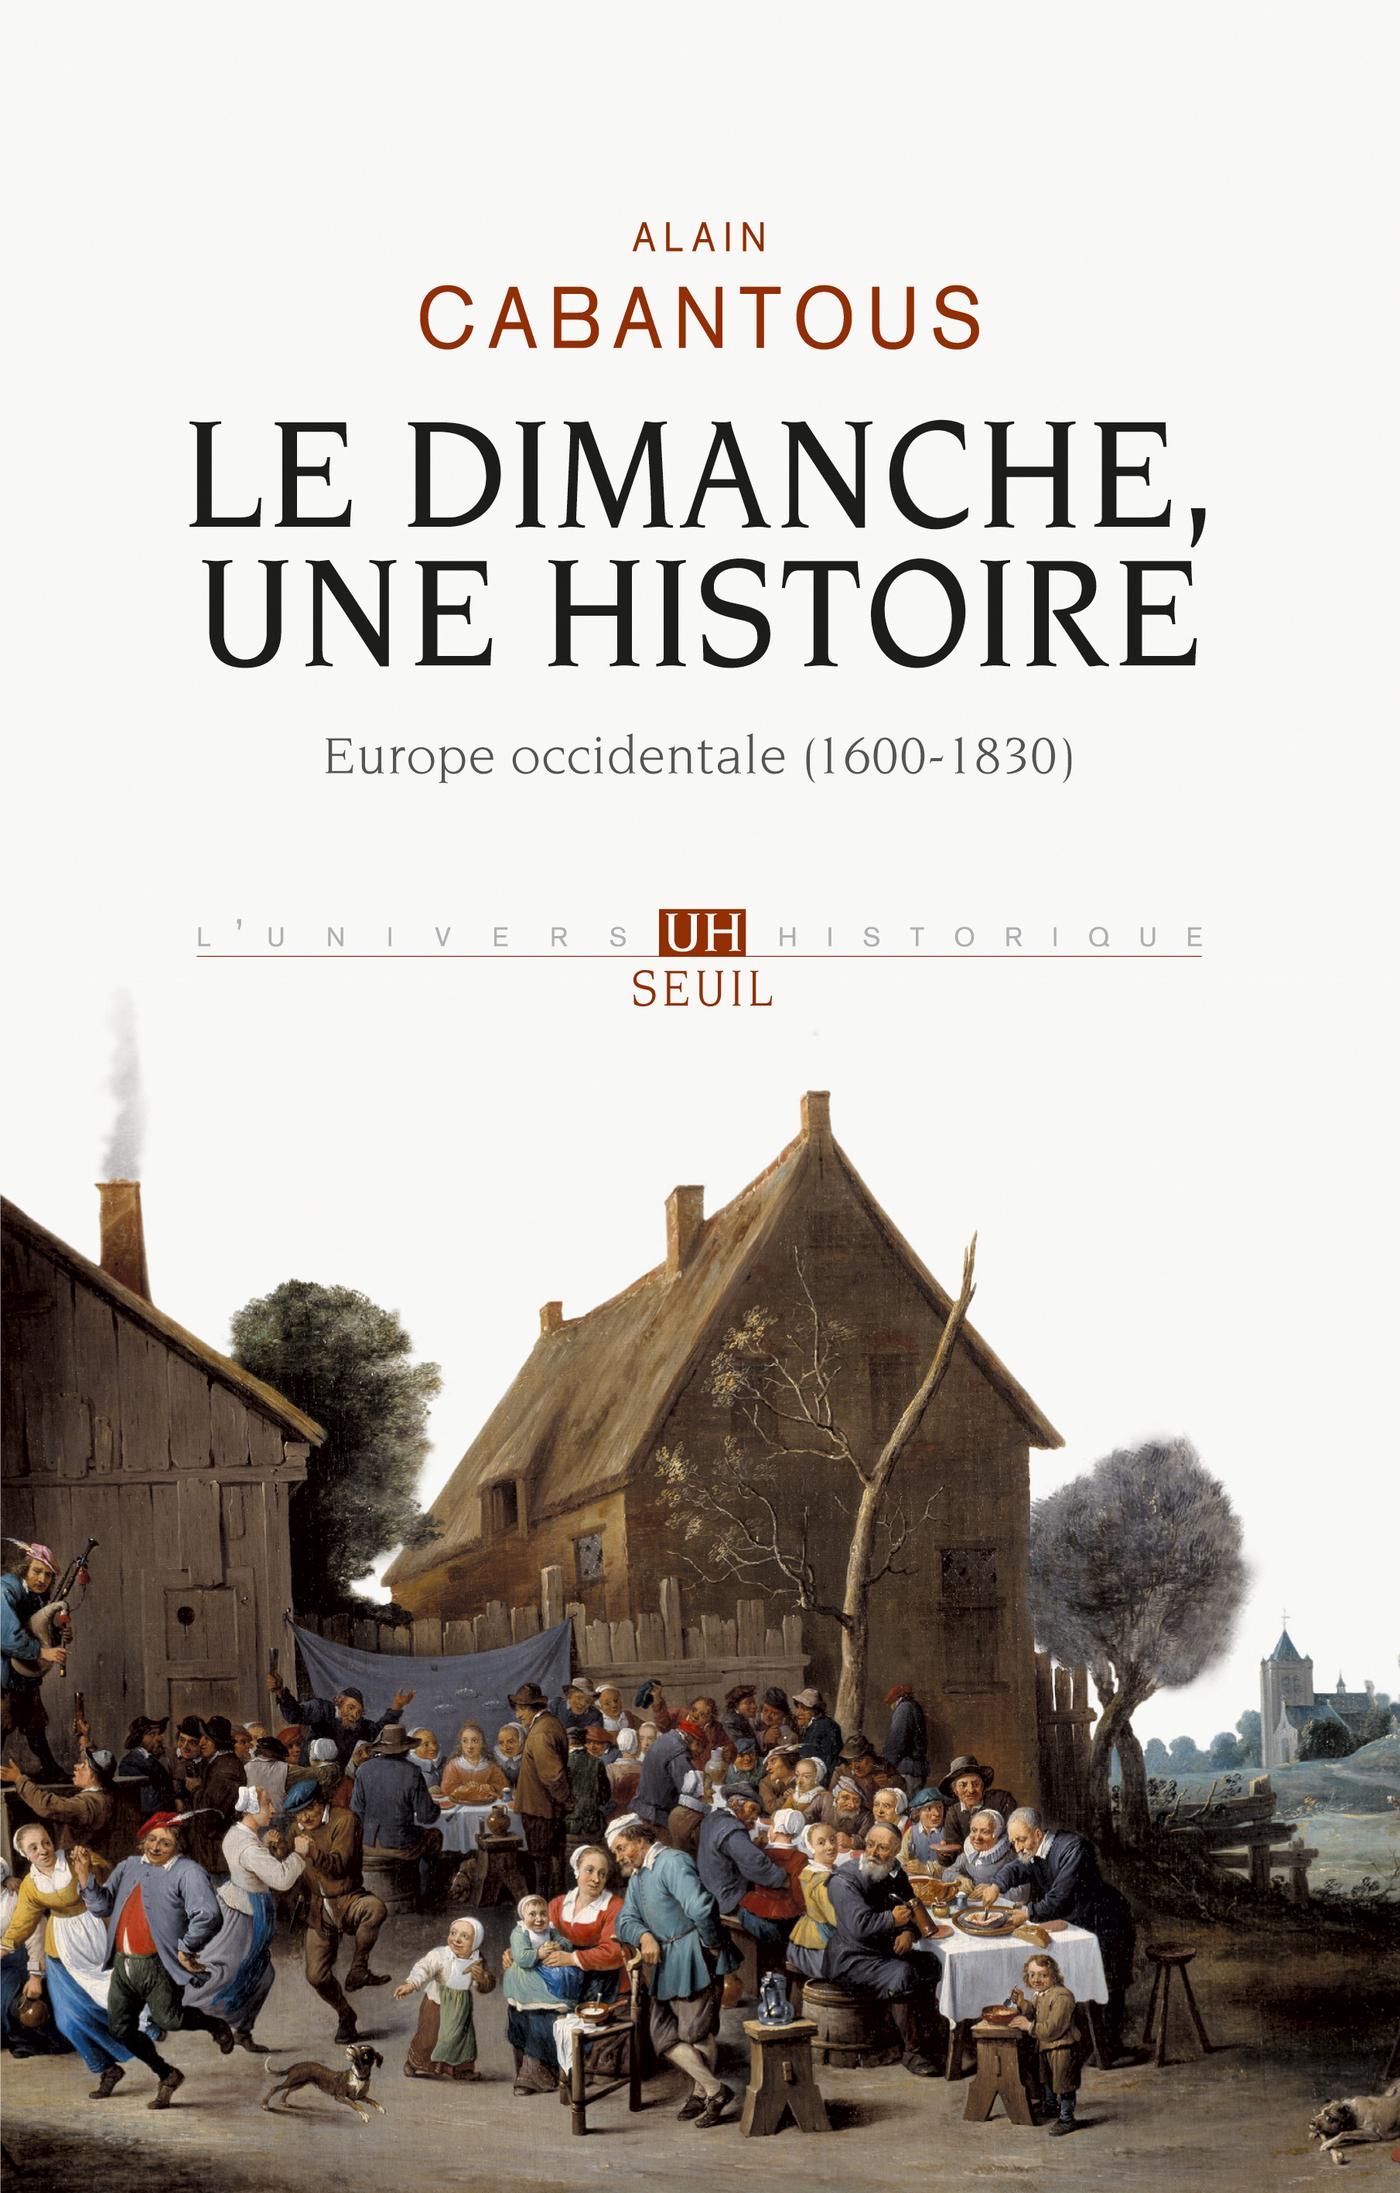 Le Dimanche, une histoire. Europe occidentale (1600-1830)